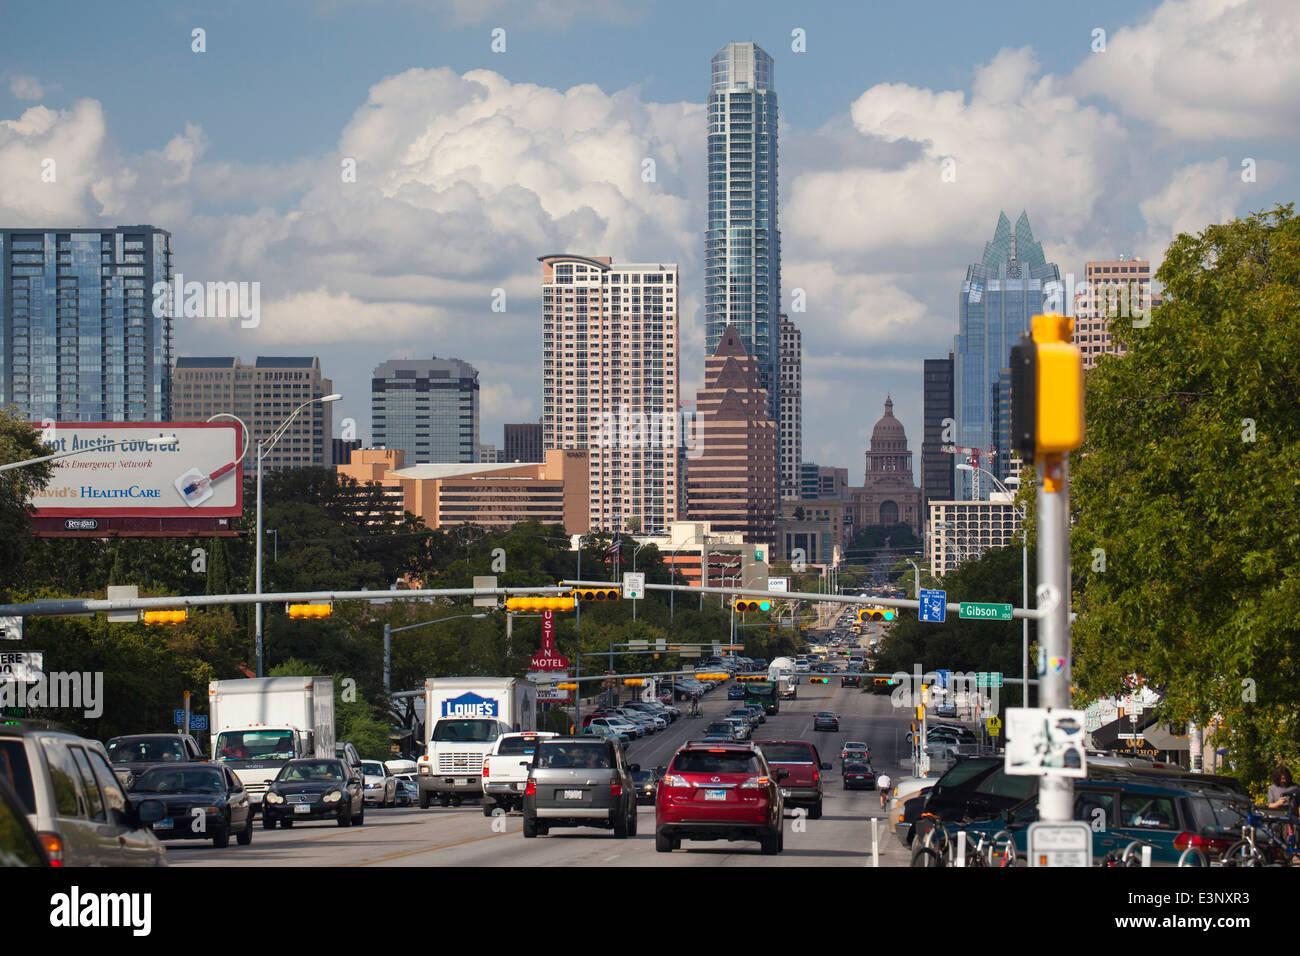 Verkehr in der Innenstadt, Austin, Texas, Vereinigte Staaten von Amerika Stockbild